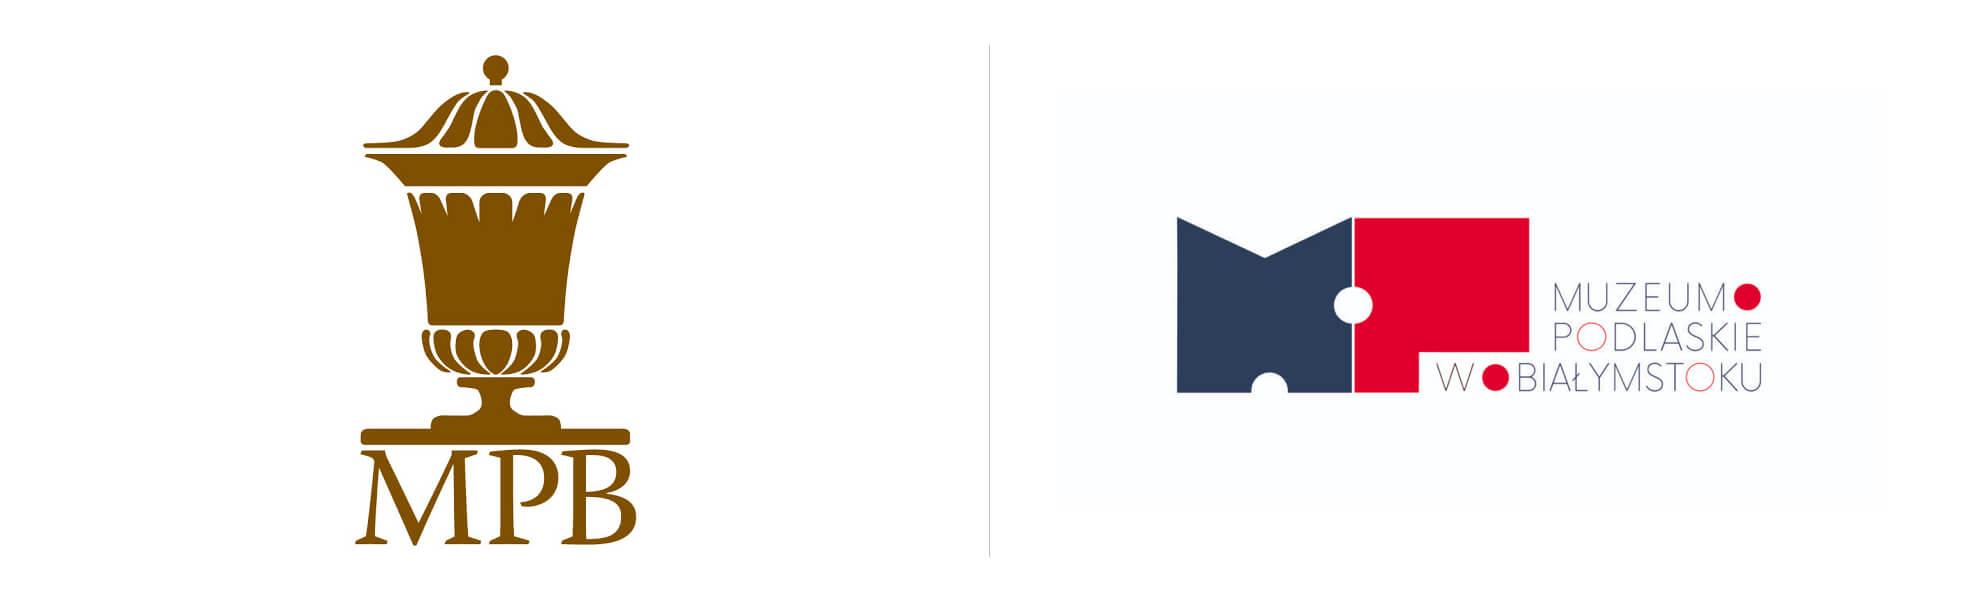 stare inowe logo muzeum podlaskiego wbiałymstoku